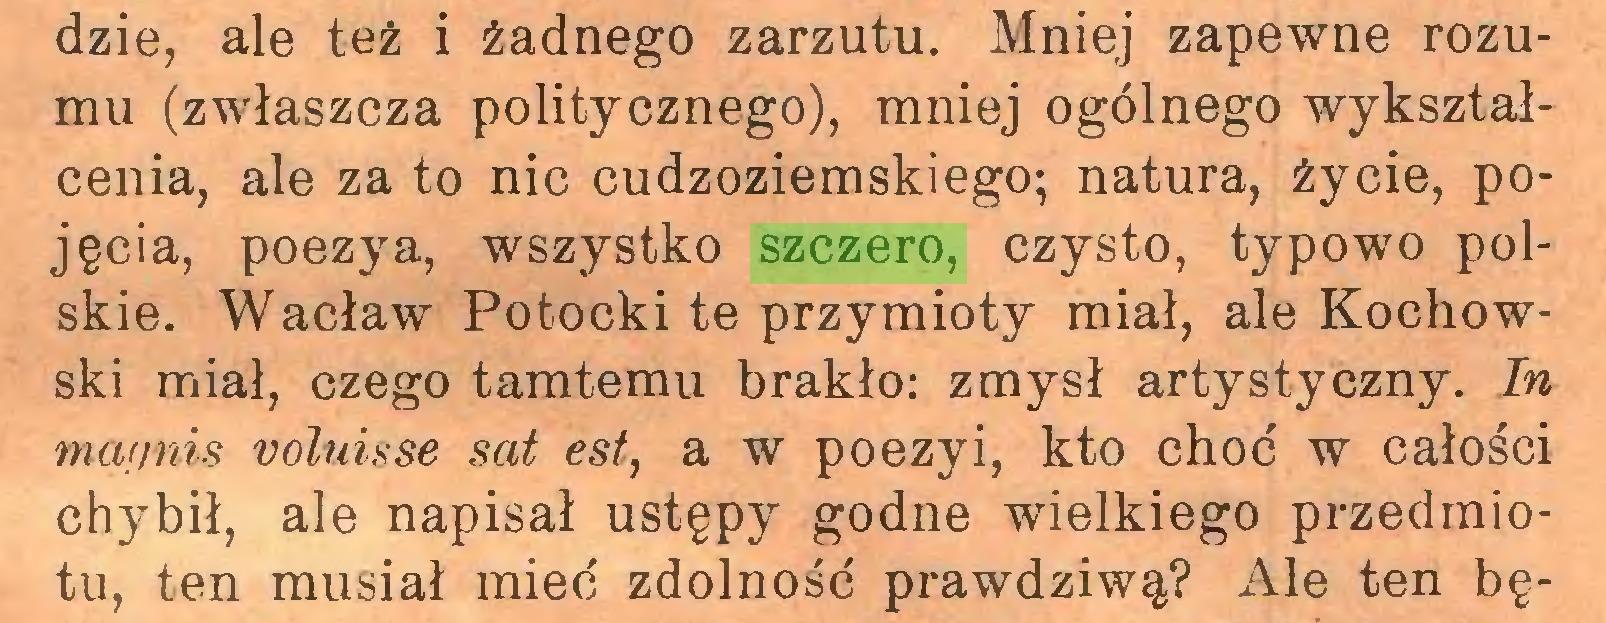 (...) dzie, ale też i żadnego zarzutu. Mniej zapewne rozumu (zwłaszcza politycznego), mniej ogólnego wykształcenia, ale za to nic cudzoziemskiego; natura, życie, pojęcia, poezya, wszystko szczero, czysto, typowo polskie. Wacław Potocki te przymioty miał, ale Kochowski miał, czego tamtemu brakło: zmysł artystyczny. In mafinis voluisse sat est, a w poezyi, kto choć w całości chy^bił, ale napisał ustępy godne wielkiego przedmiotu, ten musiał mieć zdolność prawdziwą? Ale ten bę...